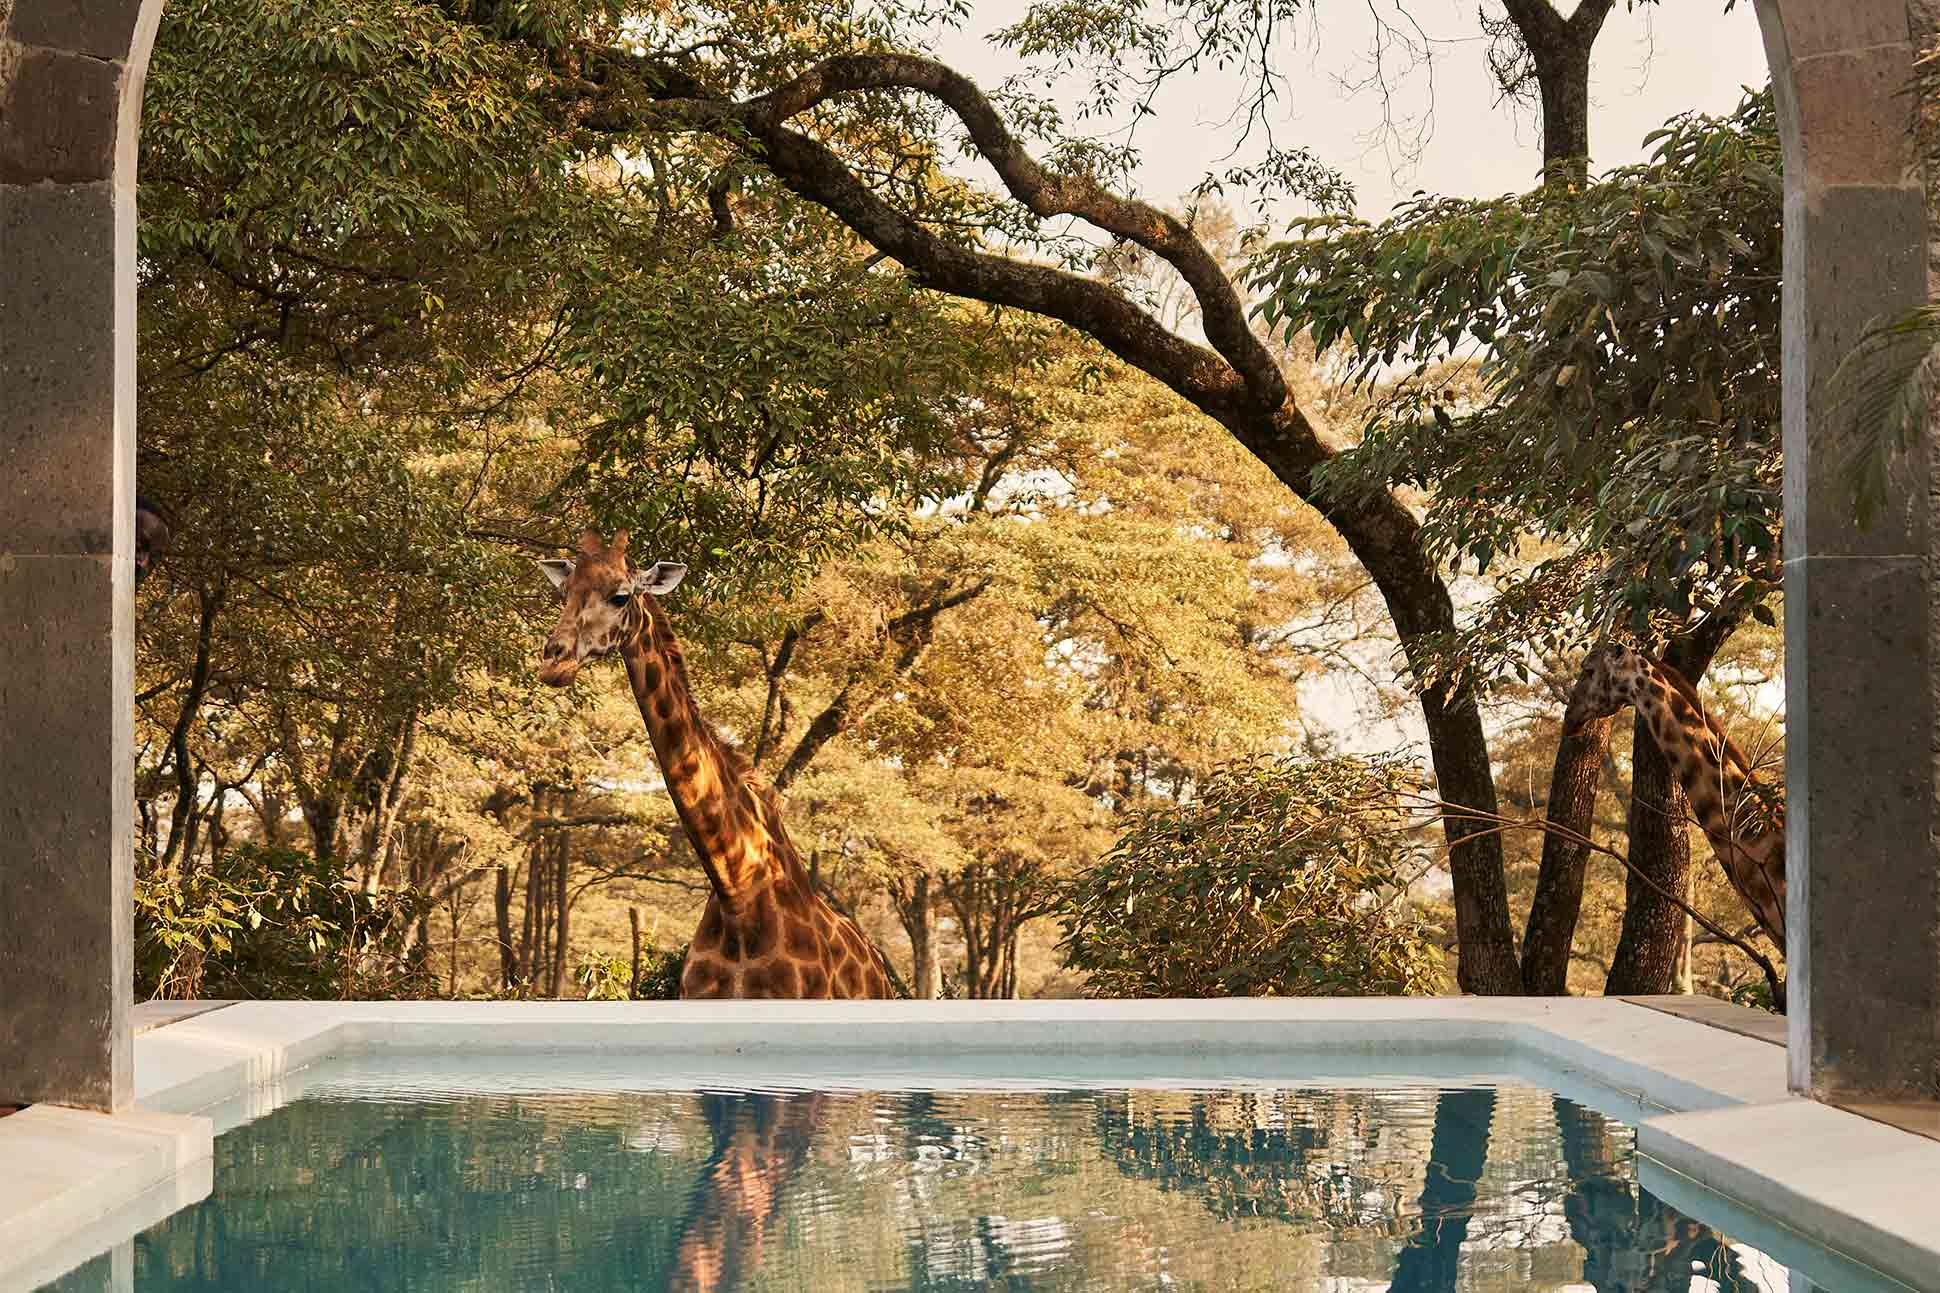 Giraffe Manor, The Safari Collection: <br> The retreat